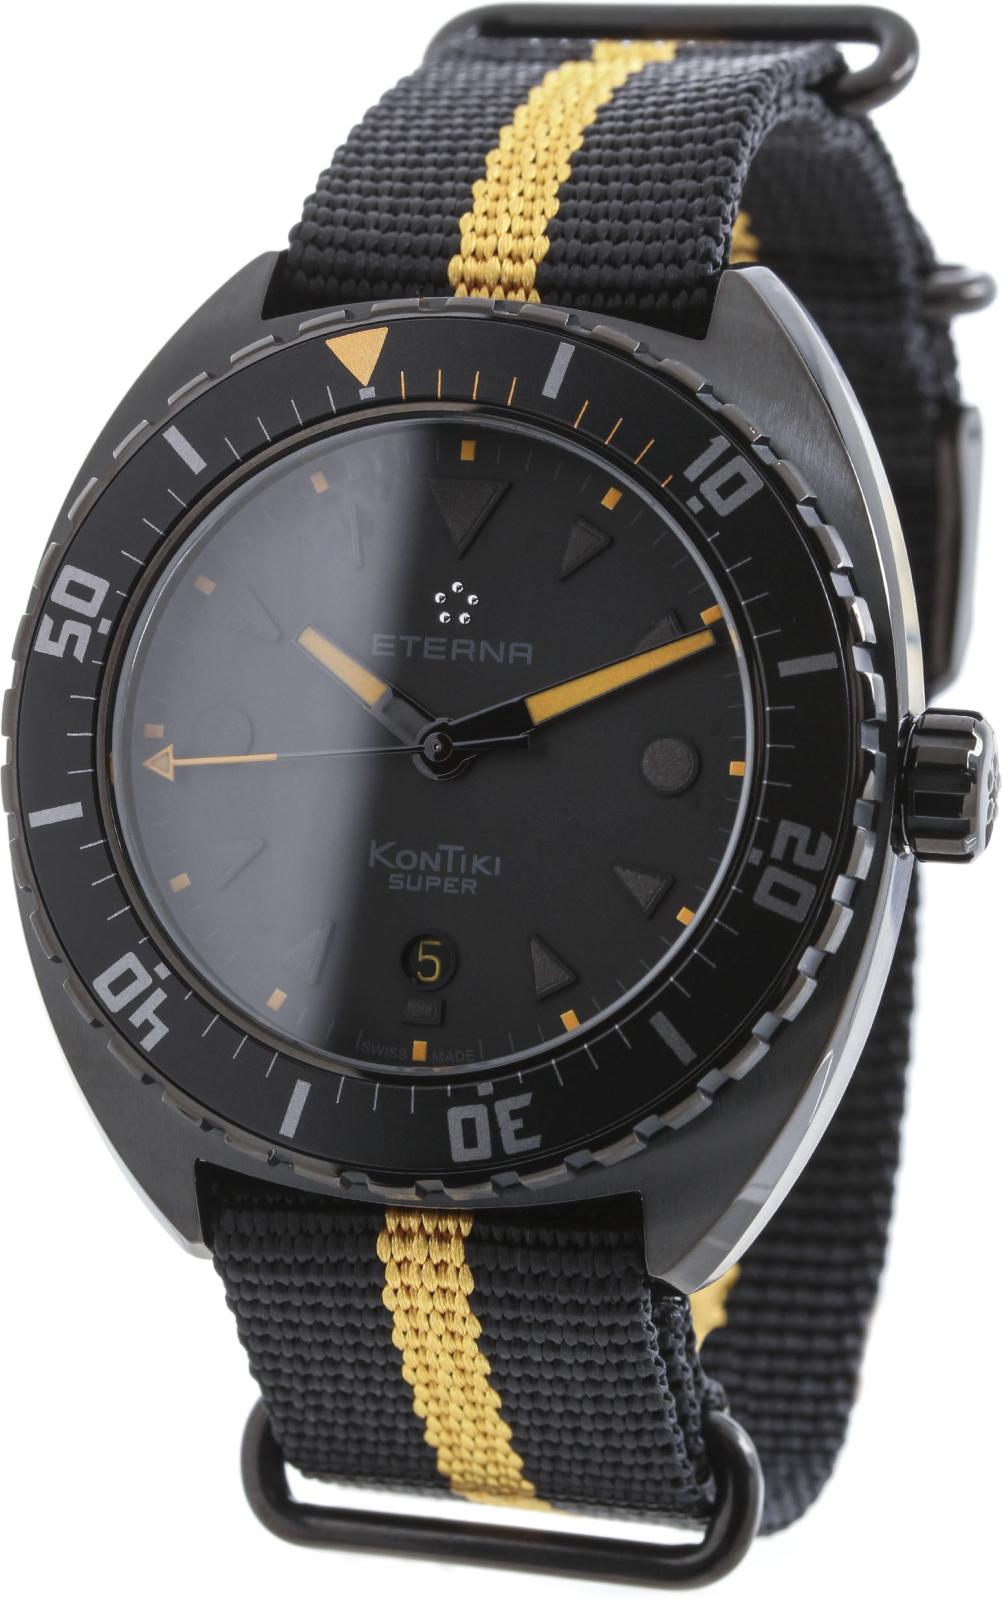 Eterna Super KonTiki 1273.43.41.1365Наручные часы<br>Швейцарские часы Eterna Super KonTiki 1273.43.41.1365<br><br>Для кого?: Мужские<br>Страна-производитель: Швейцария<br>Механизм: Кварцевый<br>Материал корпуса: Сталь<br>Материал ремня/браслета: Сталь<br>Водозащита, диапазон: None<br>Стекло: Сапфировое<br>Толщина корпуса: 12,6 мм<br>Стиль: None